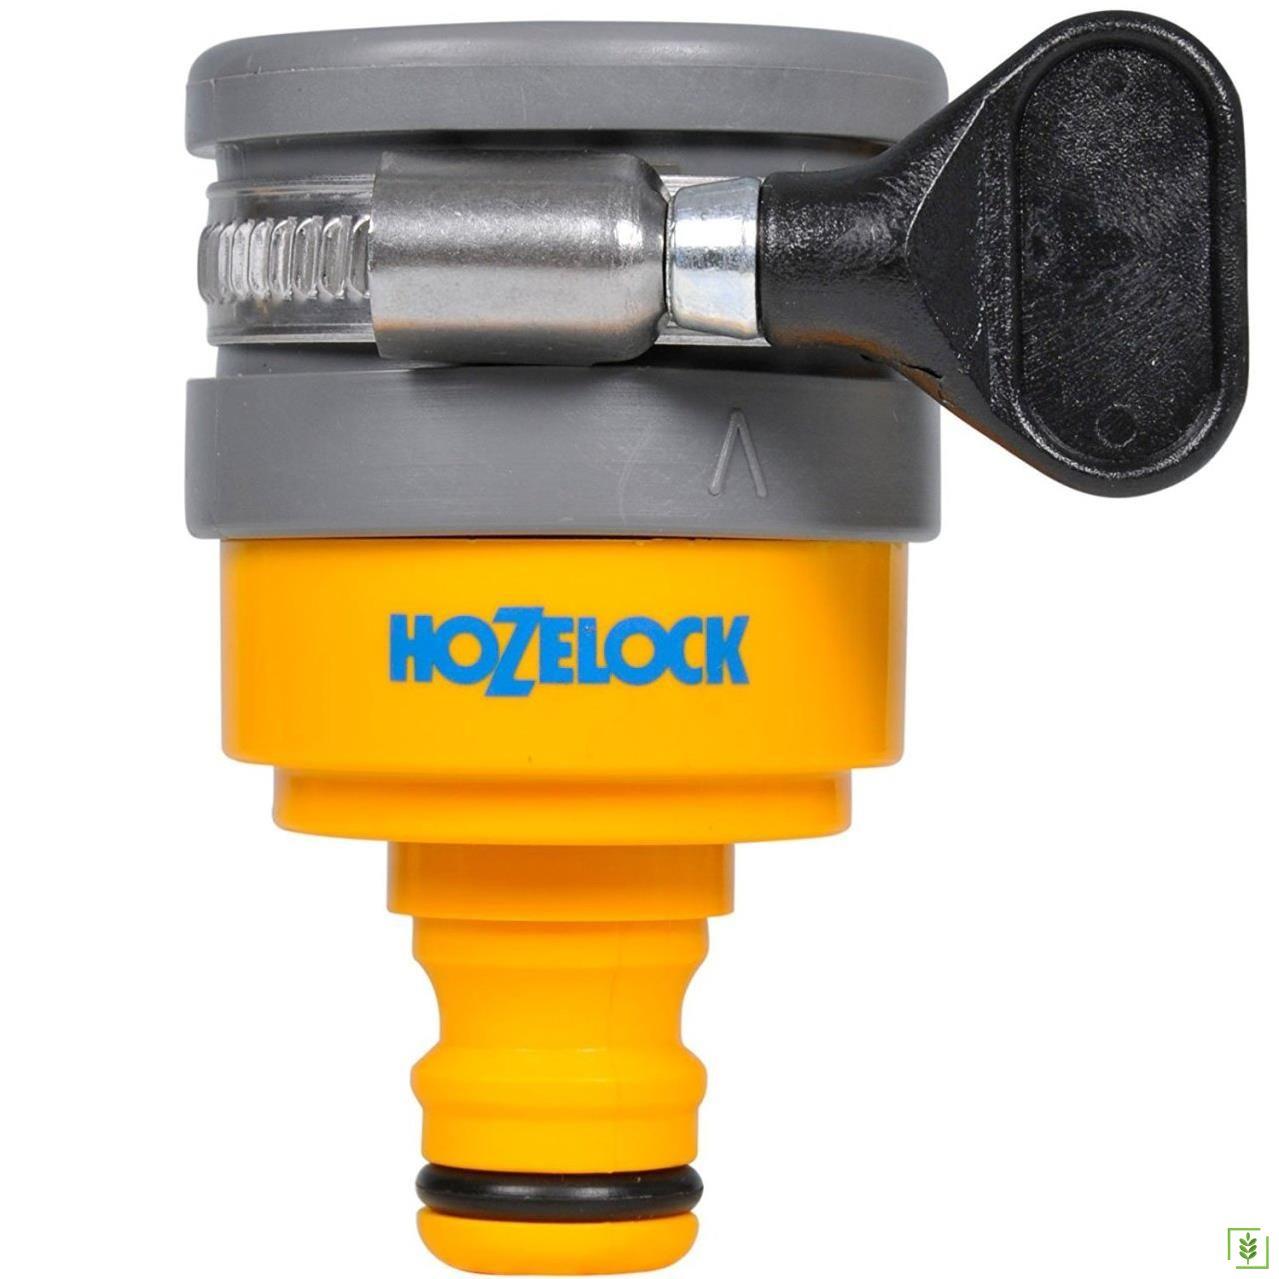 Hozelock 2177H Yuvarlak Musluk Bağlantısı